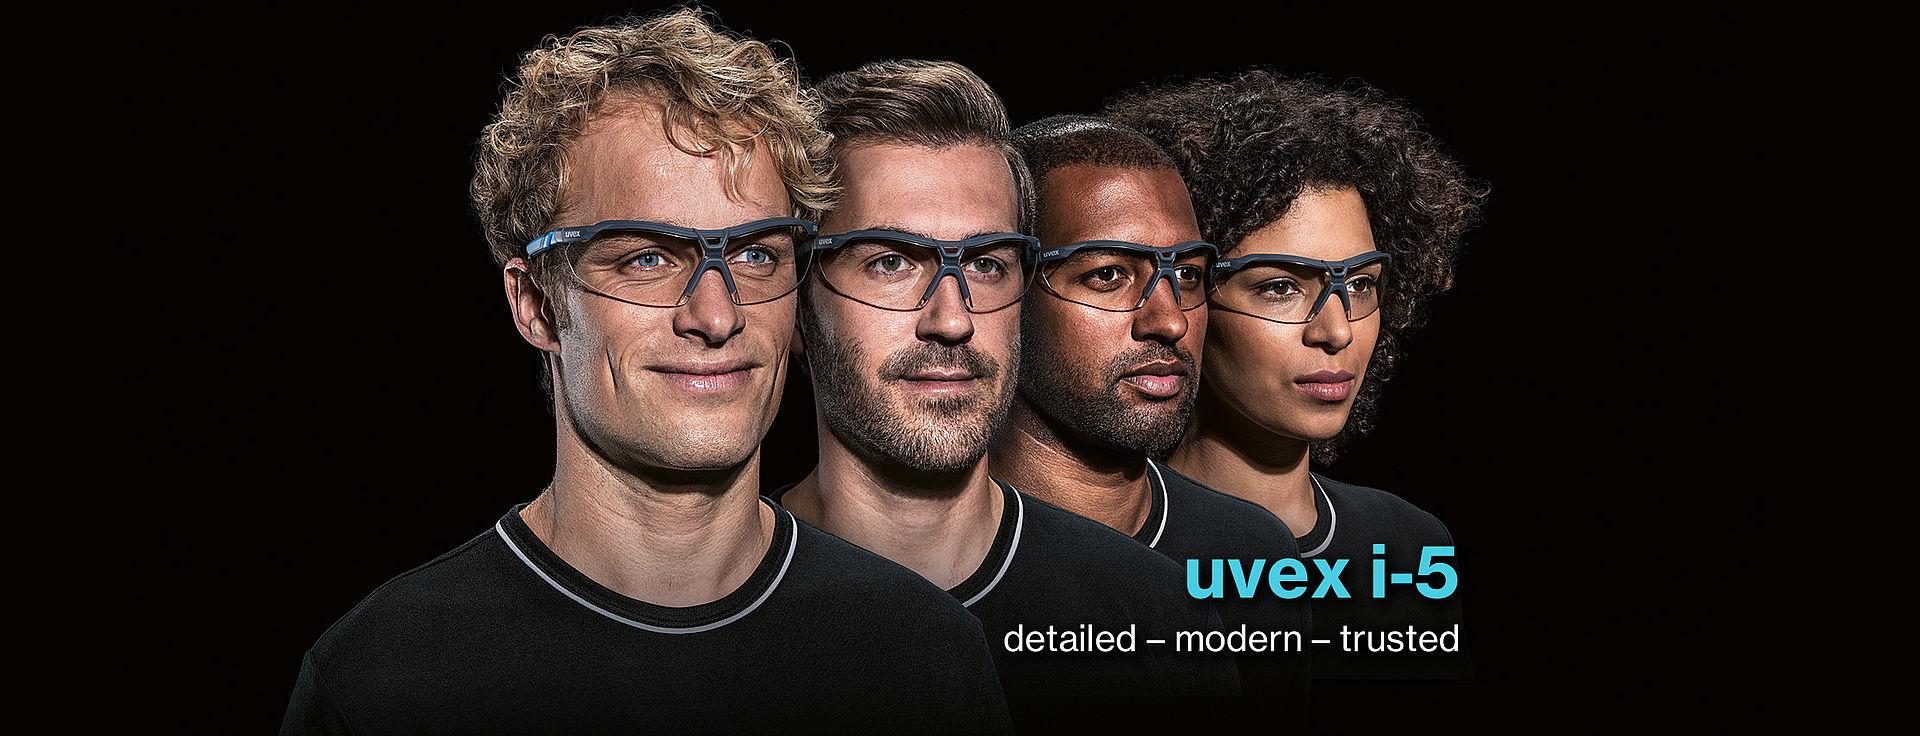 ludzie w okularach ochronnych uvex i-5